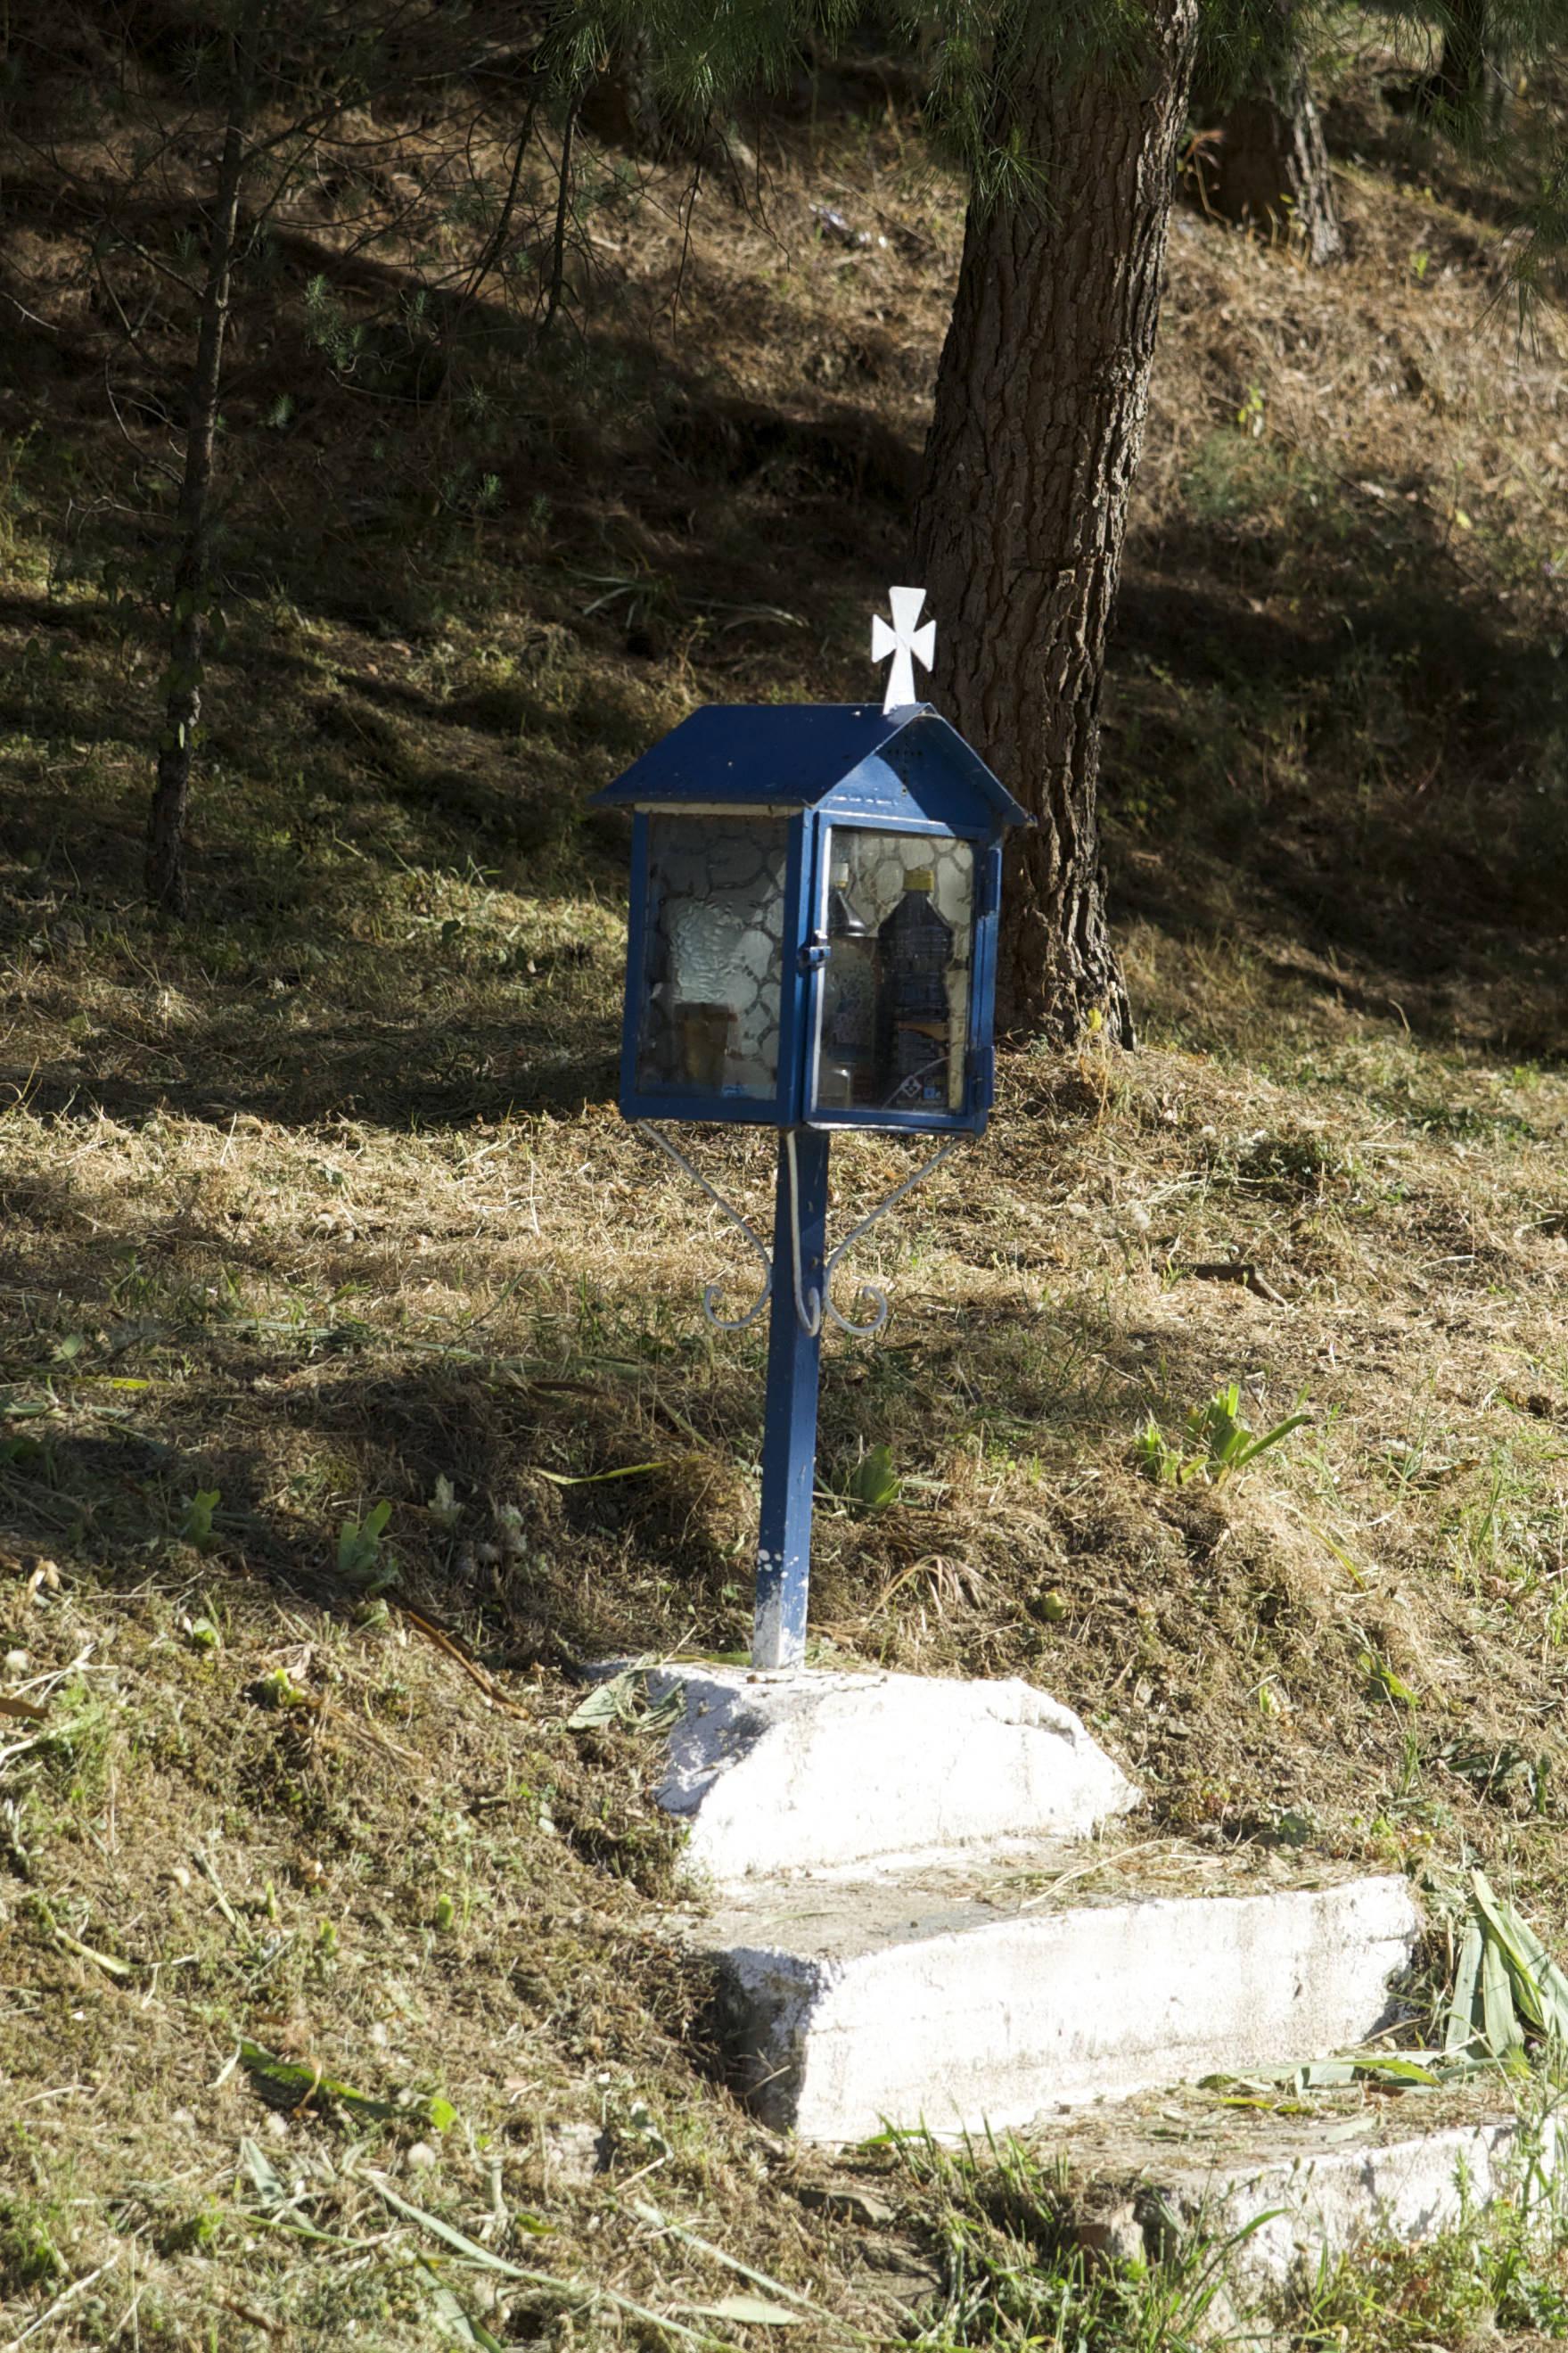 Fig. 1 Metal eikonostasi on Analipseos street, Livadeia, prefecture of Boeotia, Greece